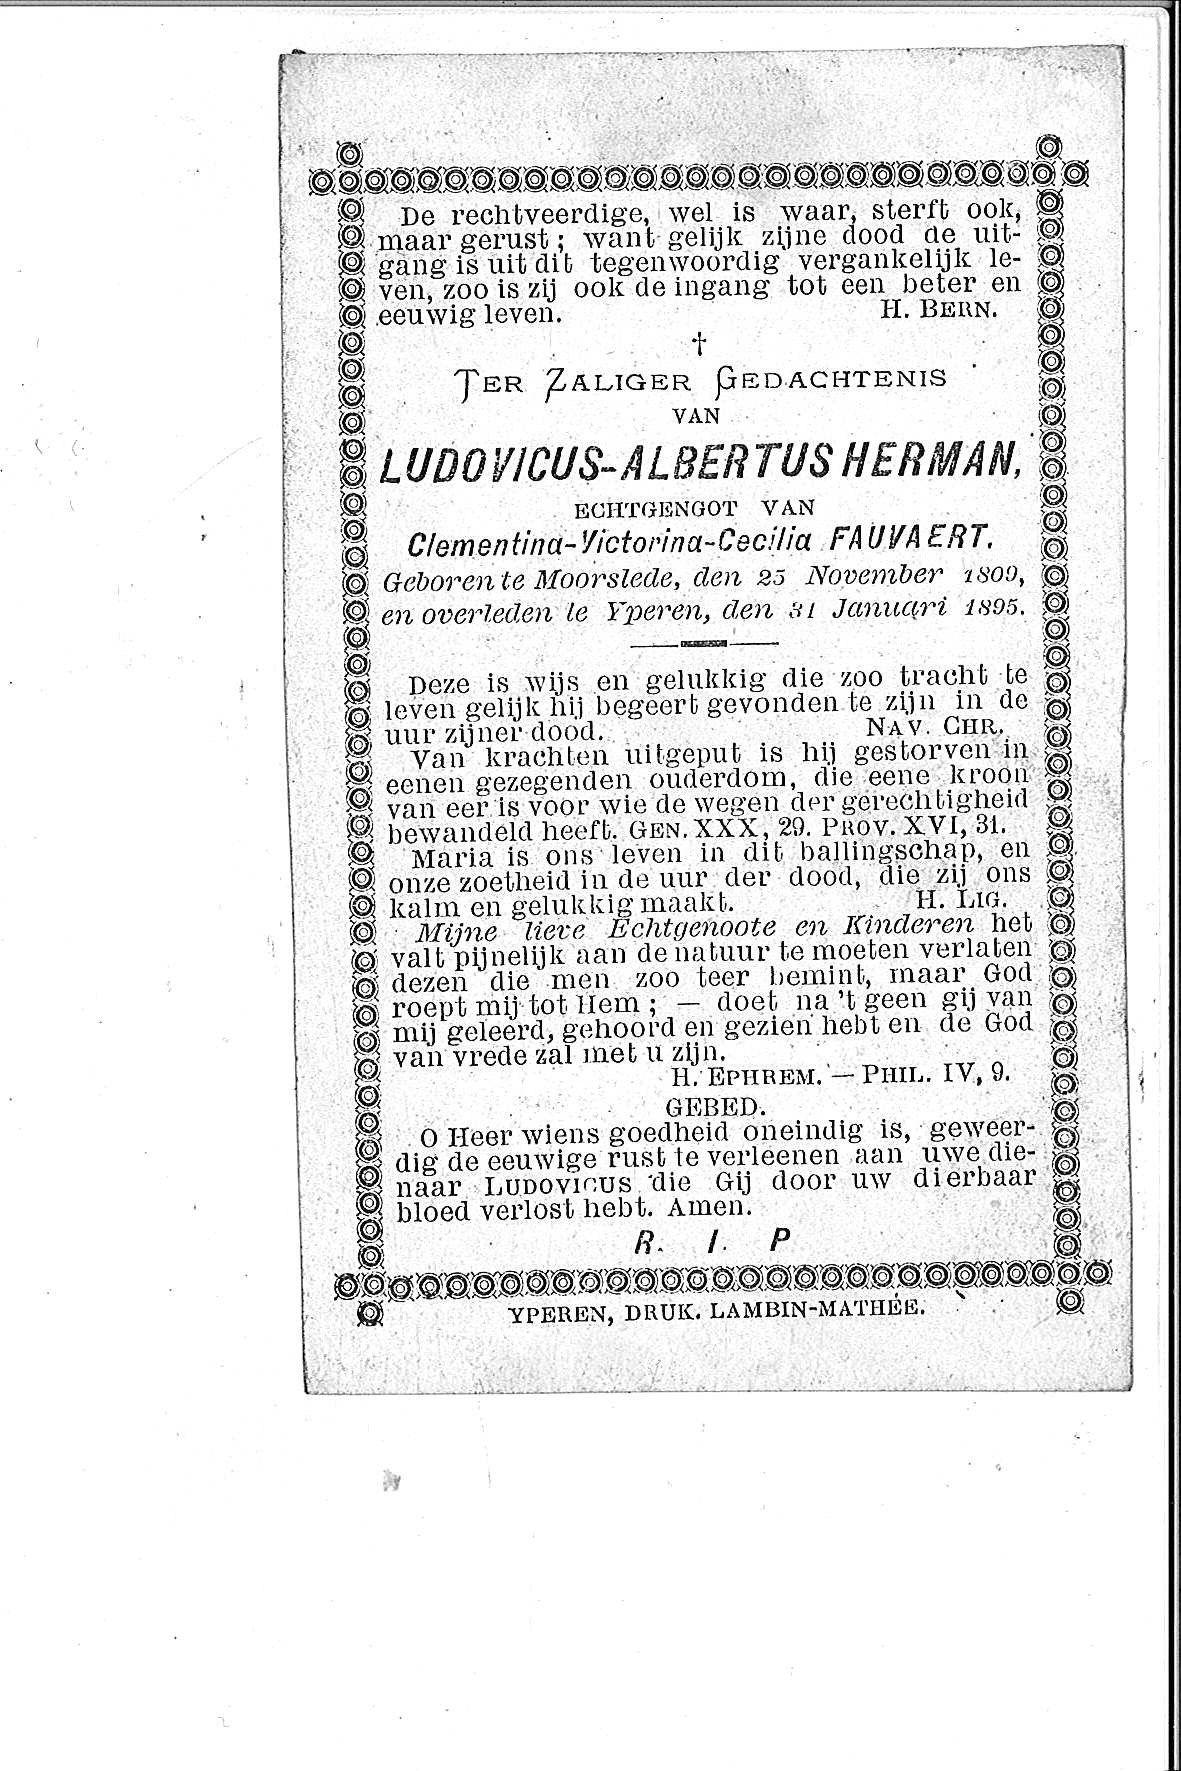 Ludovicus-Albertus(1895)20150309154040_00020.jpg